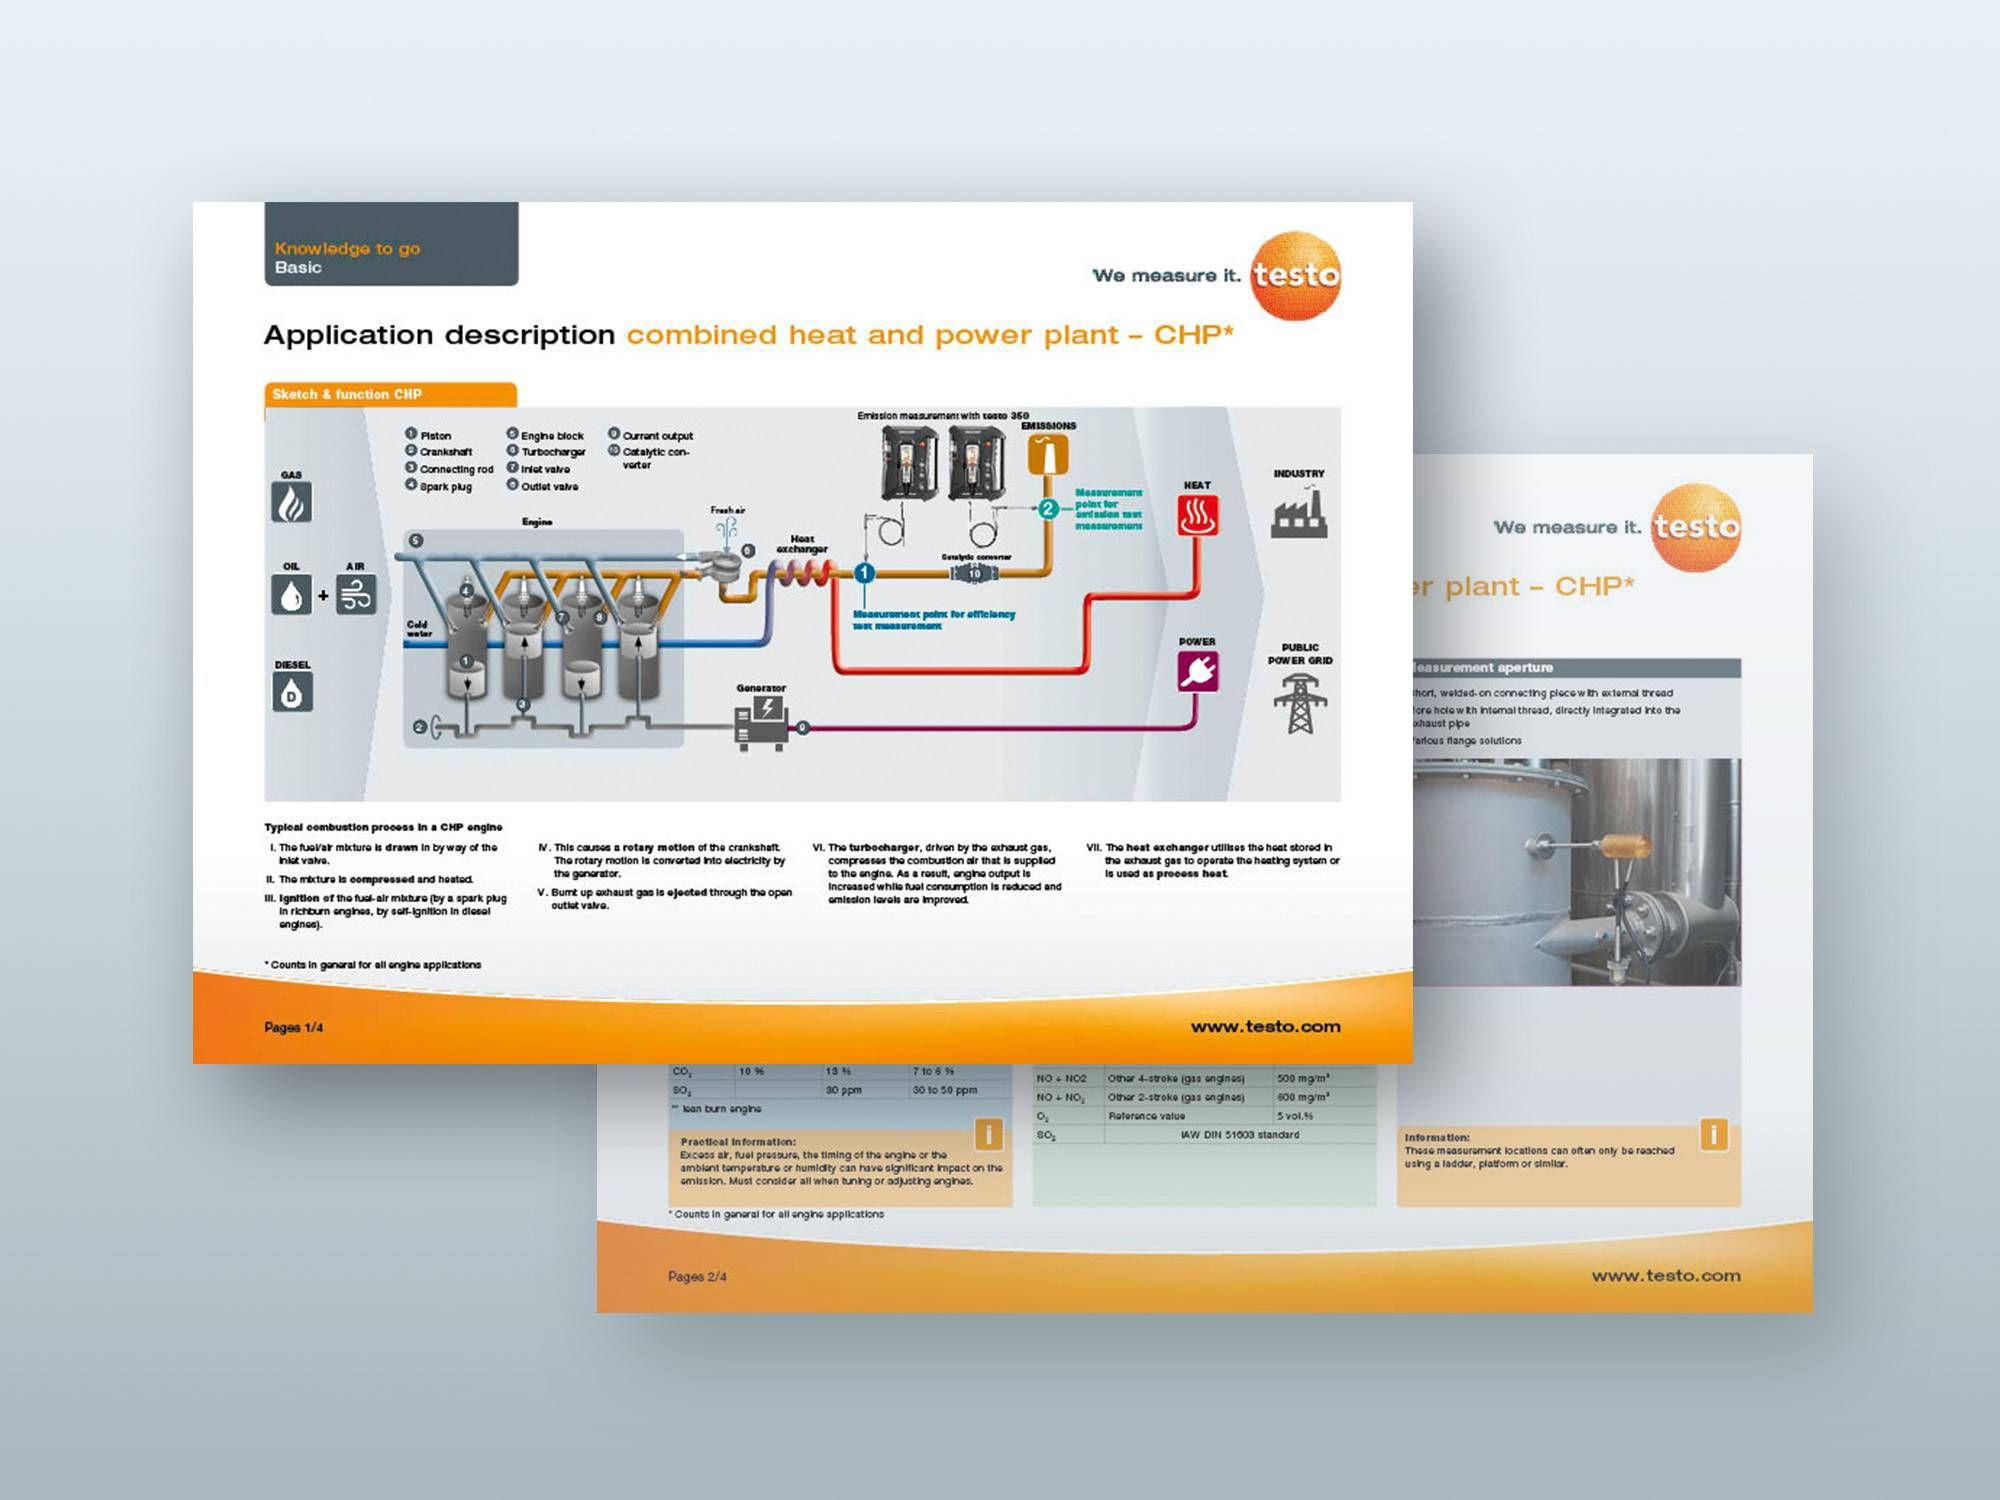 Esquema aplicación testo 350 en plantas de cogeneración